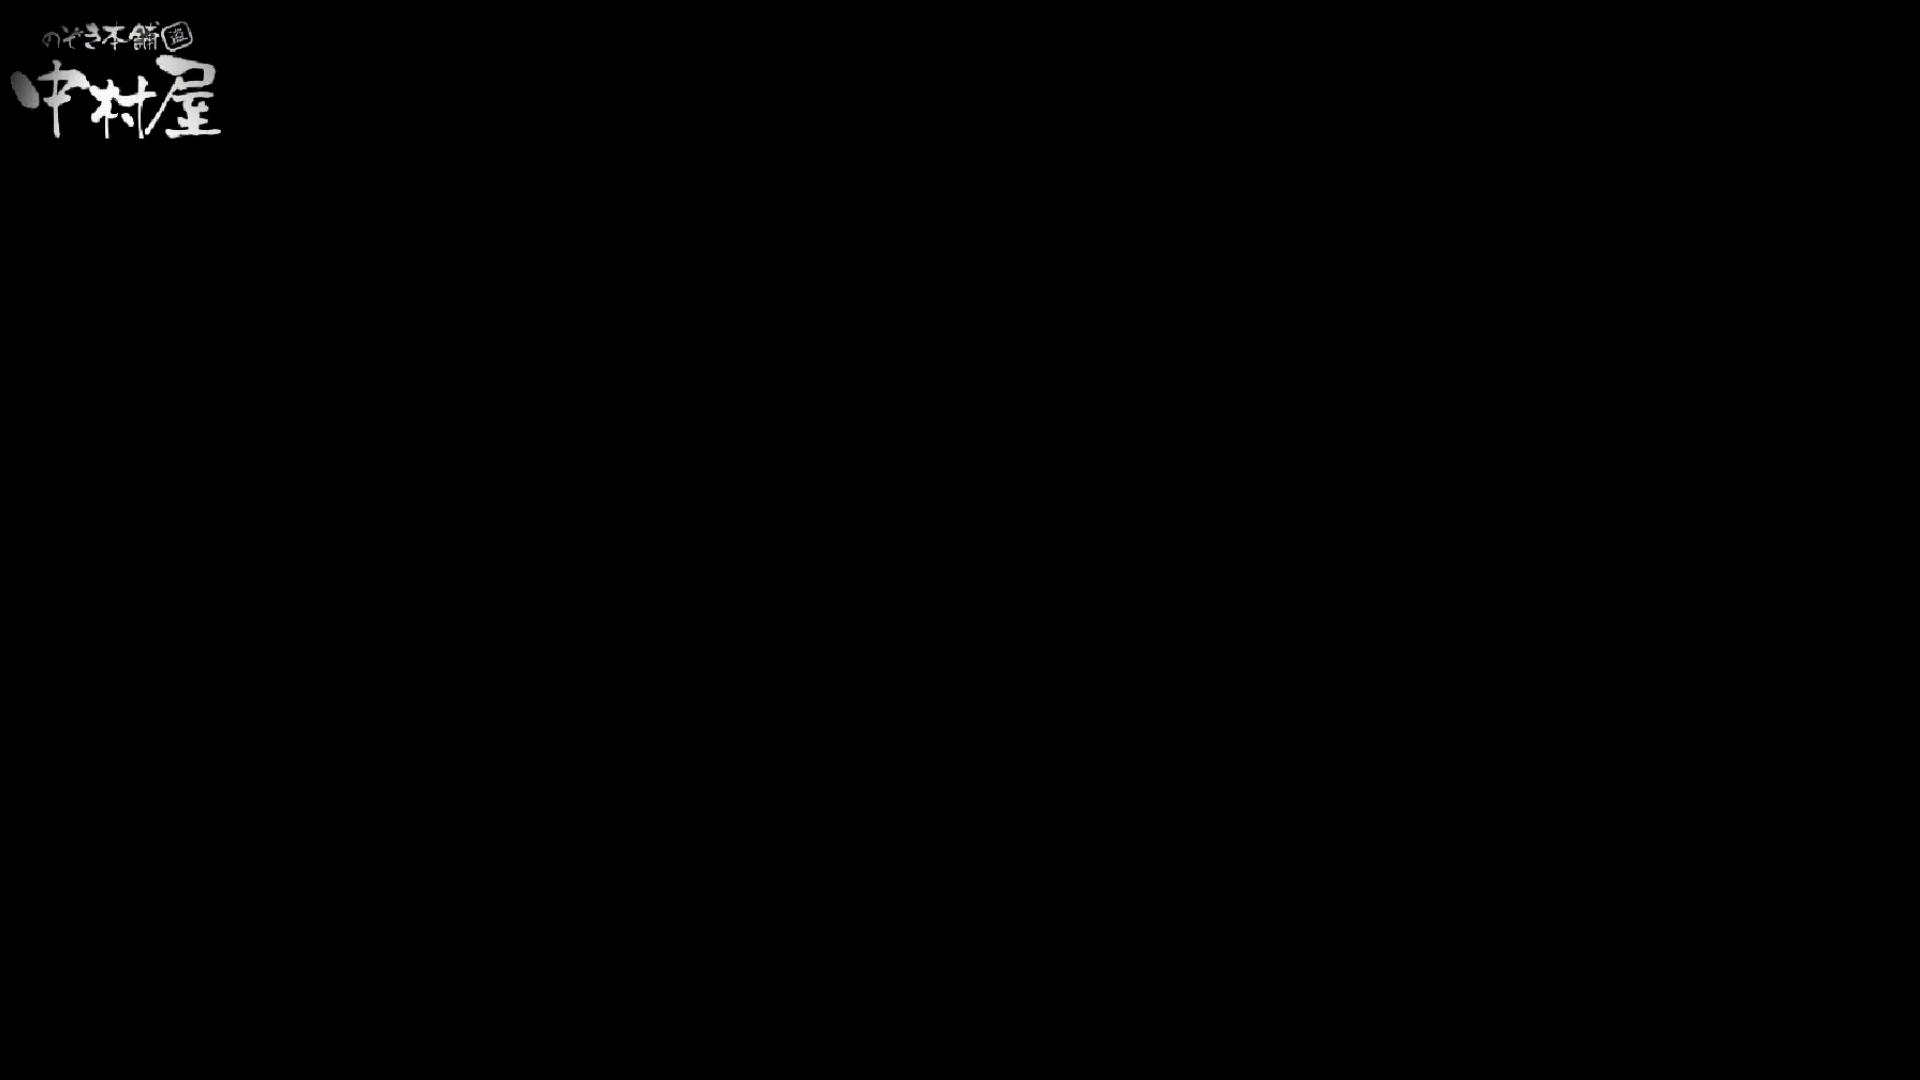 雅さんが厳選新年特別コンテンツ!激走!東京マラソン選手専用女子トイレvol.9 女子トイレ編 盗み撮り動画 105PIX 19